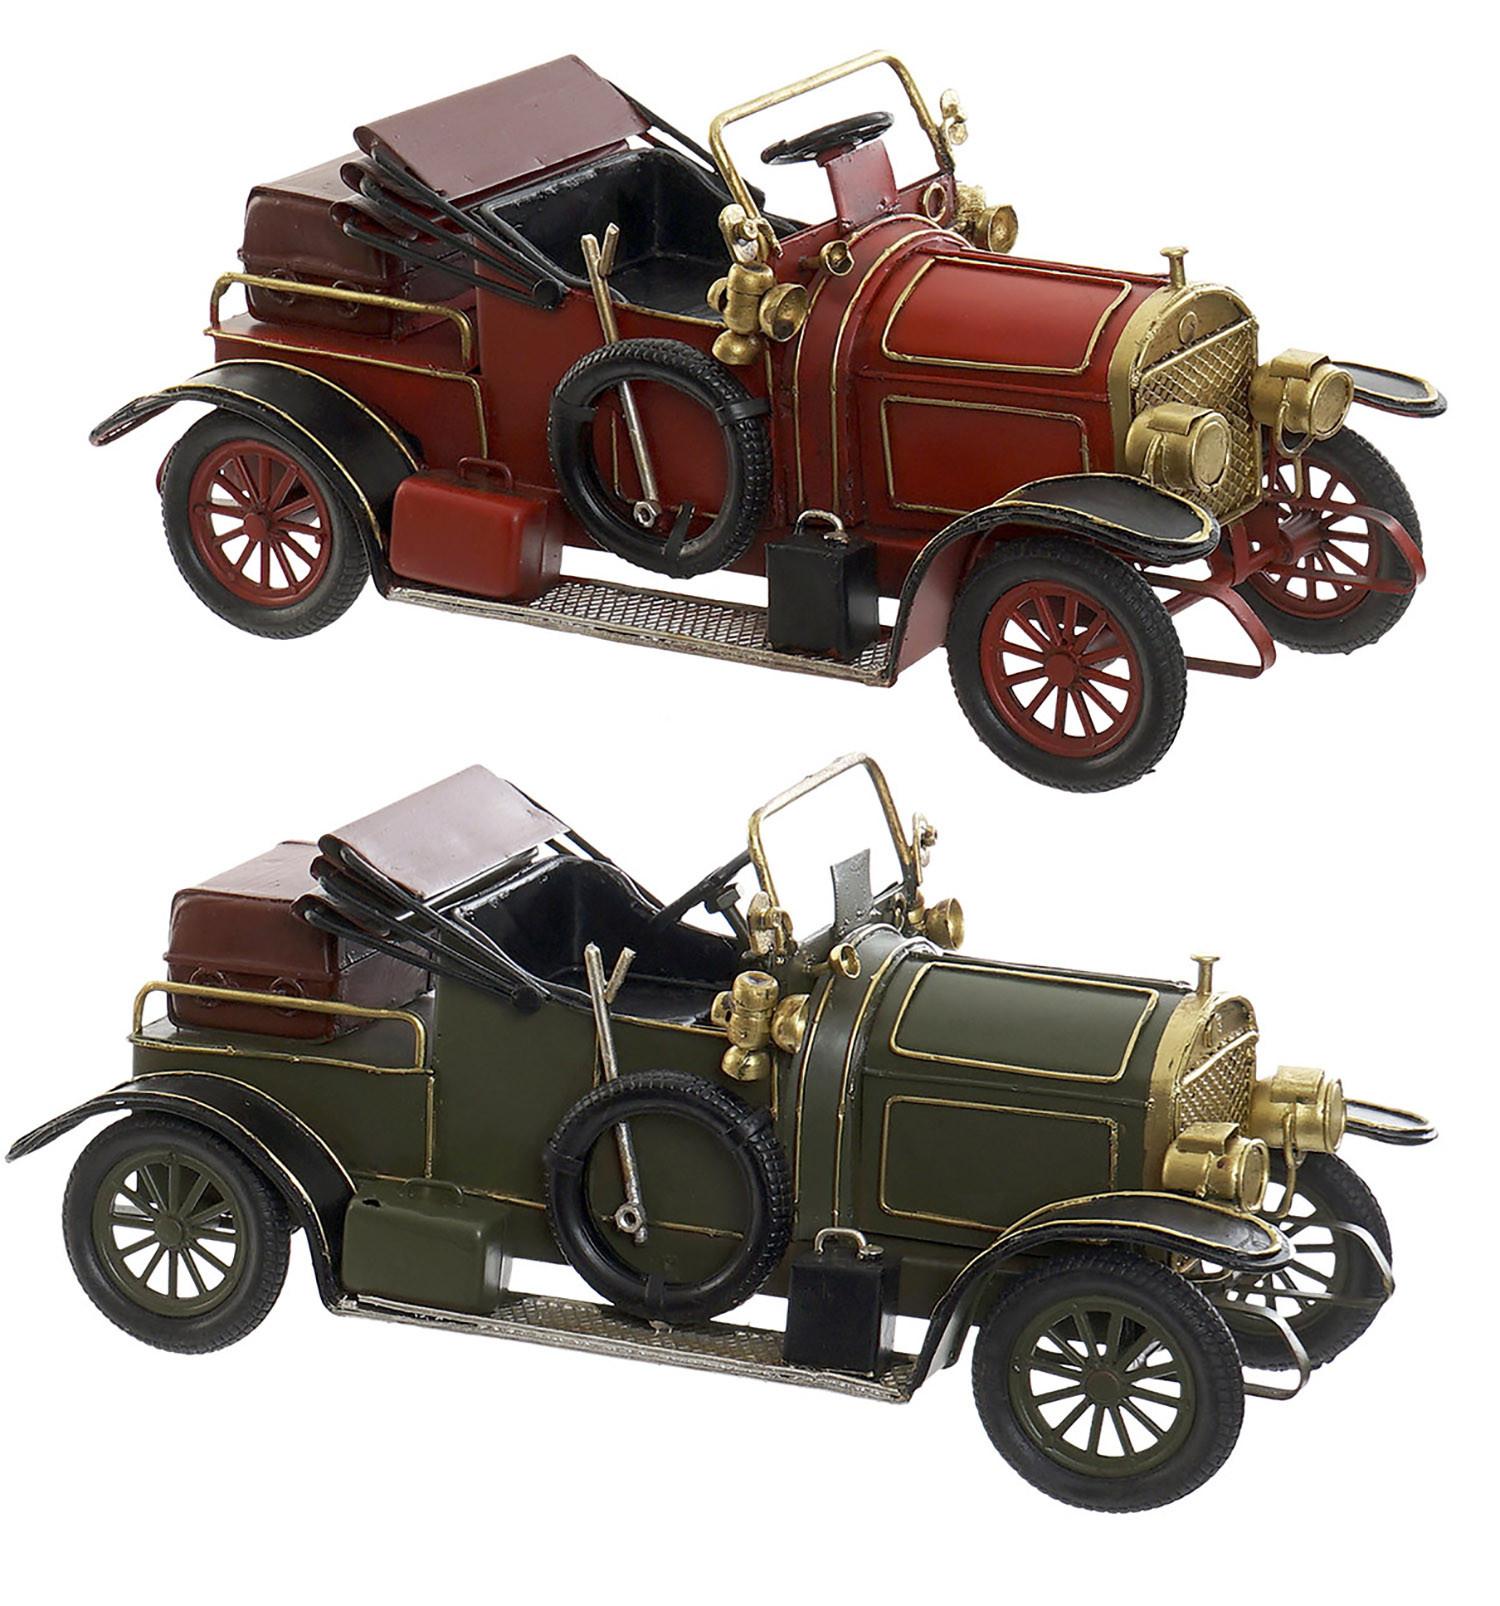 Coche/Vehículo Descapotable Vintage, Figura Decorativa de Metal. Diseño Antiguo/Realista 26X10X12 cm